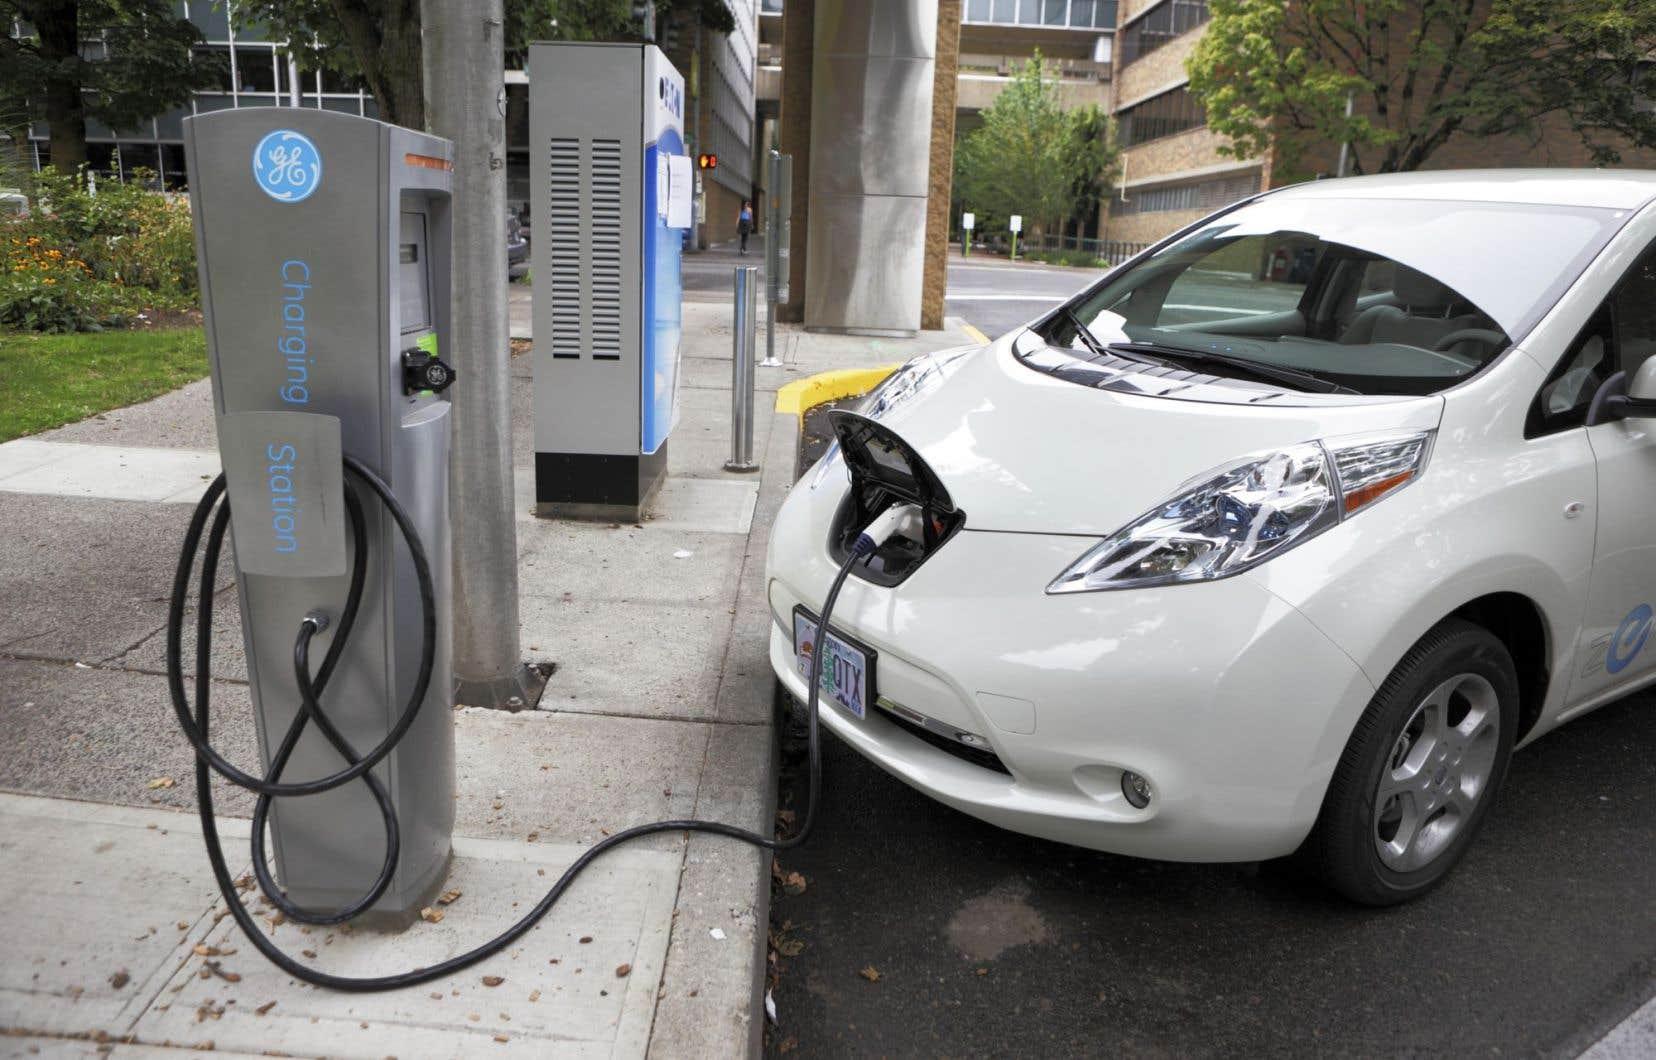 Après 150000km parcourus, la voiture électrique a des impacts plus faibles que la voiture à essence sur la santé humaine (-29%), la qualité des écosystèmes (-58%), les changements climatiques (-65%) et l'épuisement des ressources fossiles (-65%).